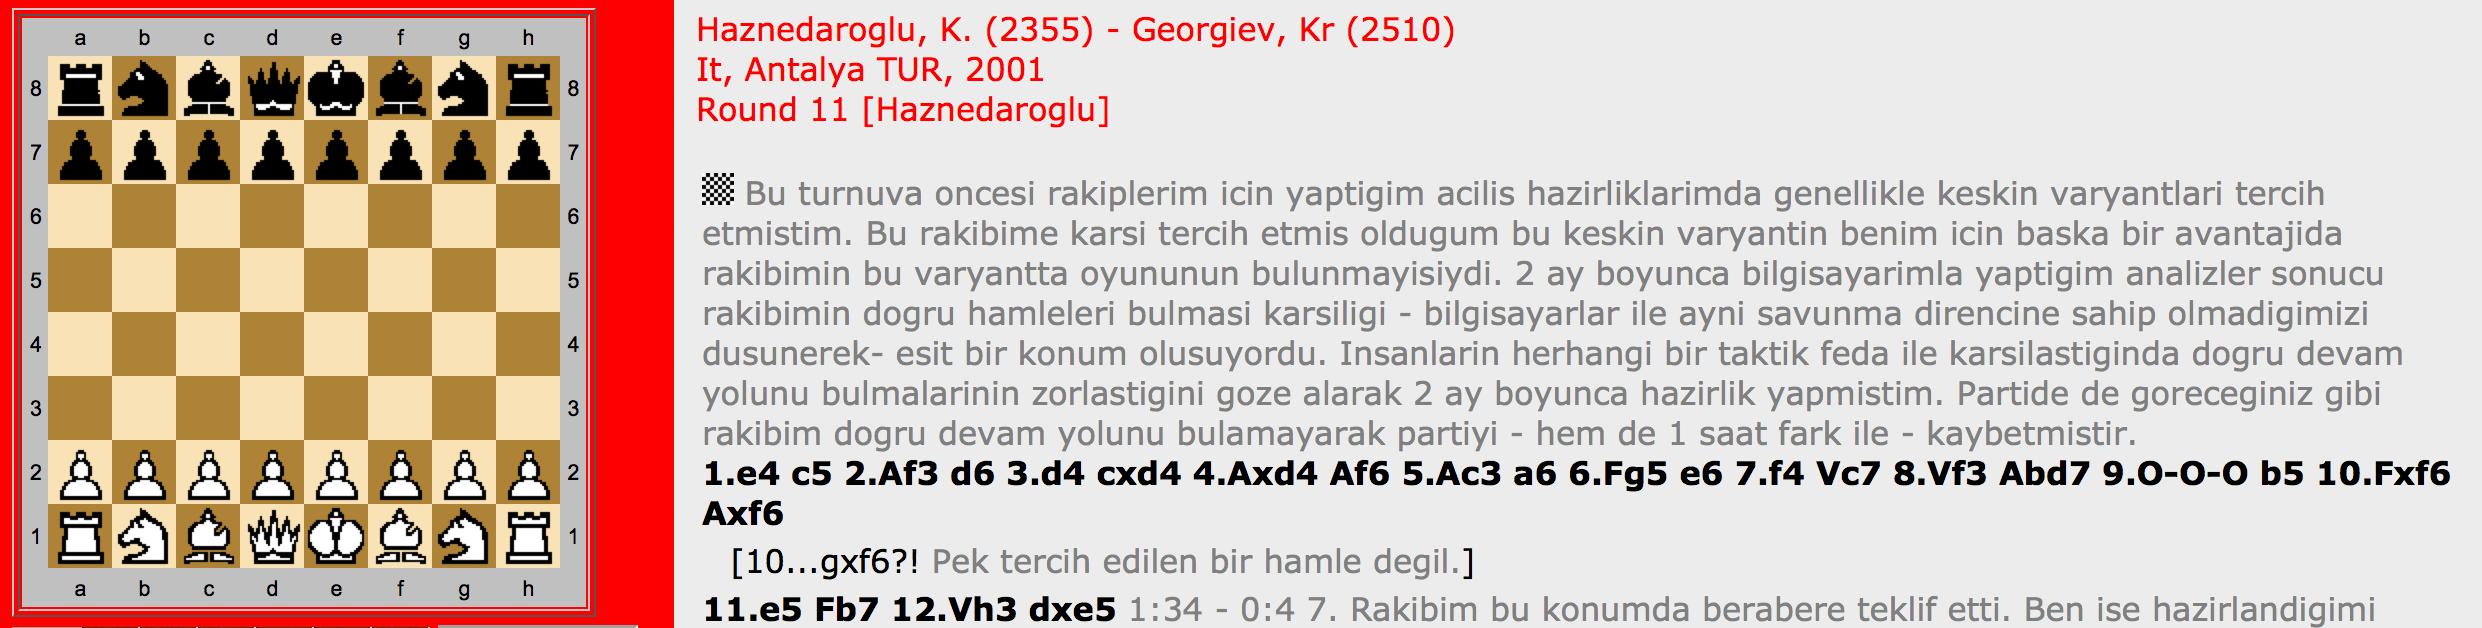 Haznedaroğlu – Georgiev